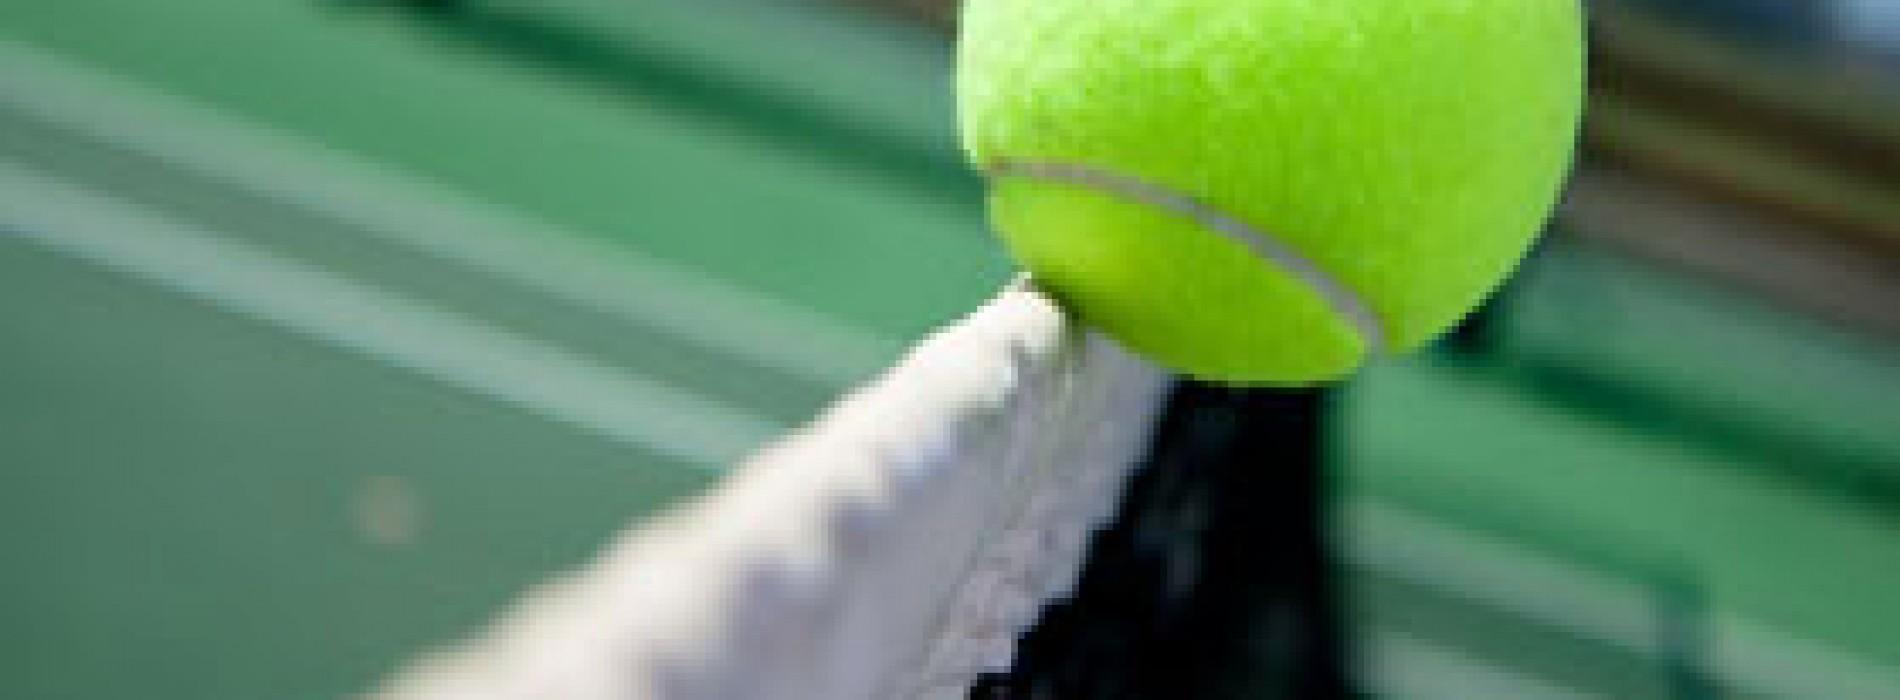 Desarrollan software para ventaja analítica del tenis